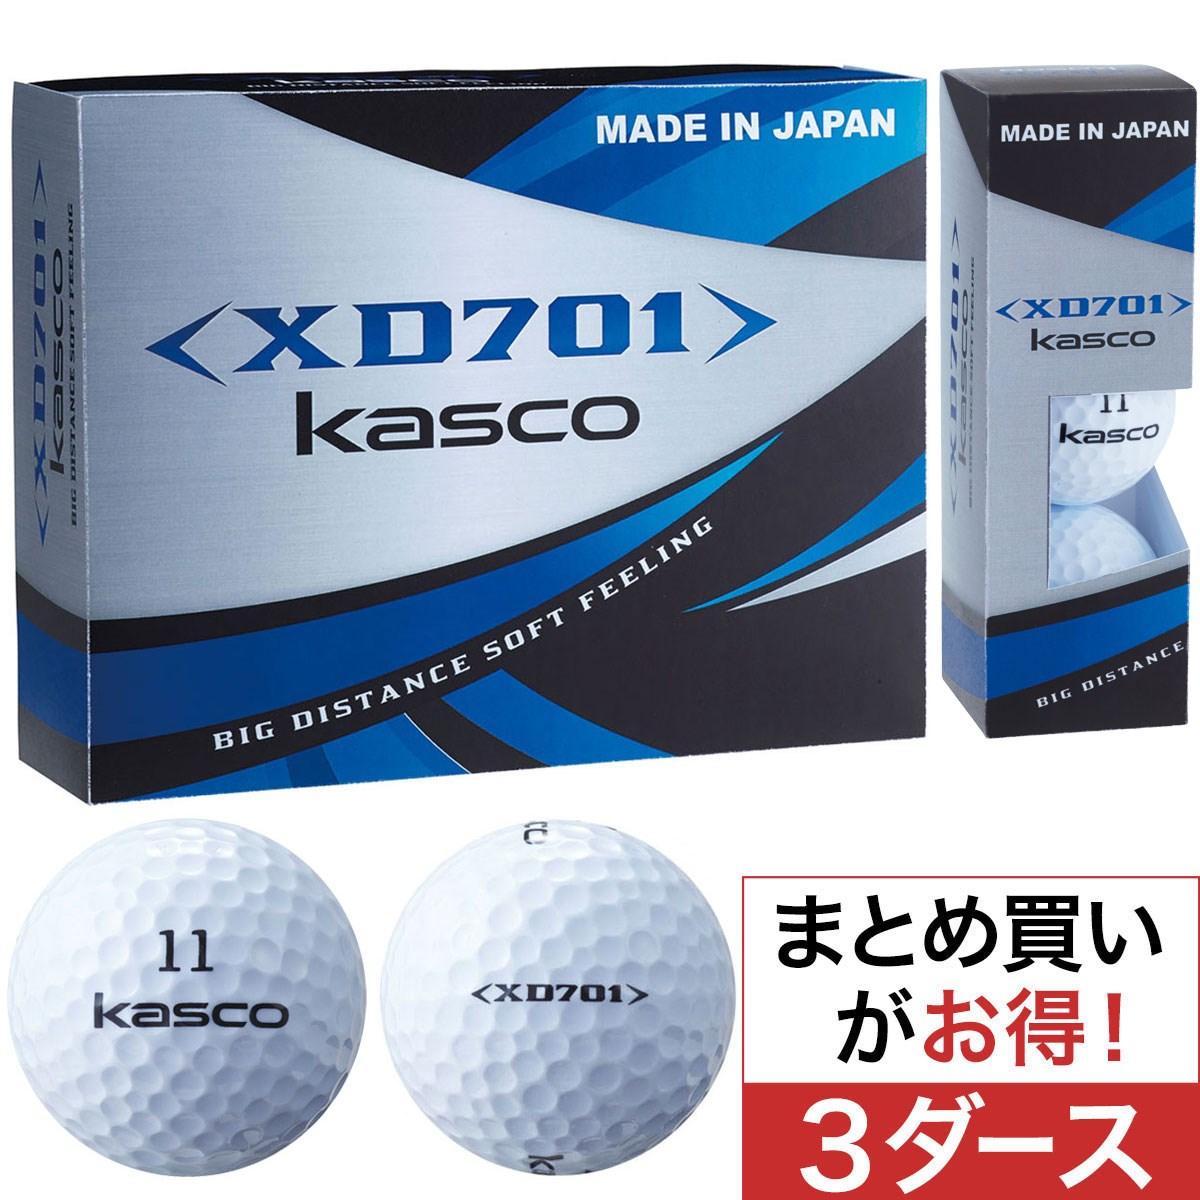 キャスコ(KASCO) XD701 2ピースボール 3ダースセット